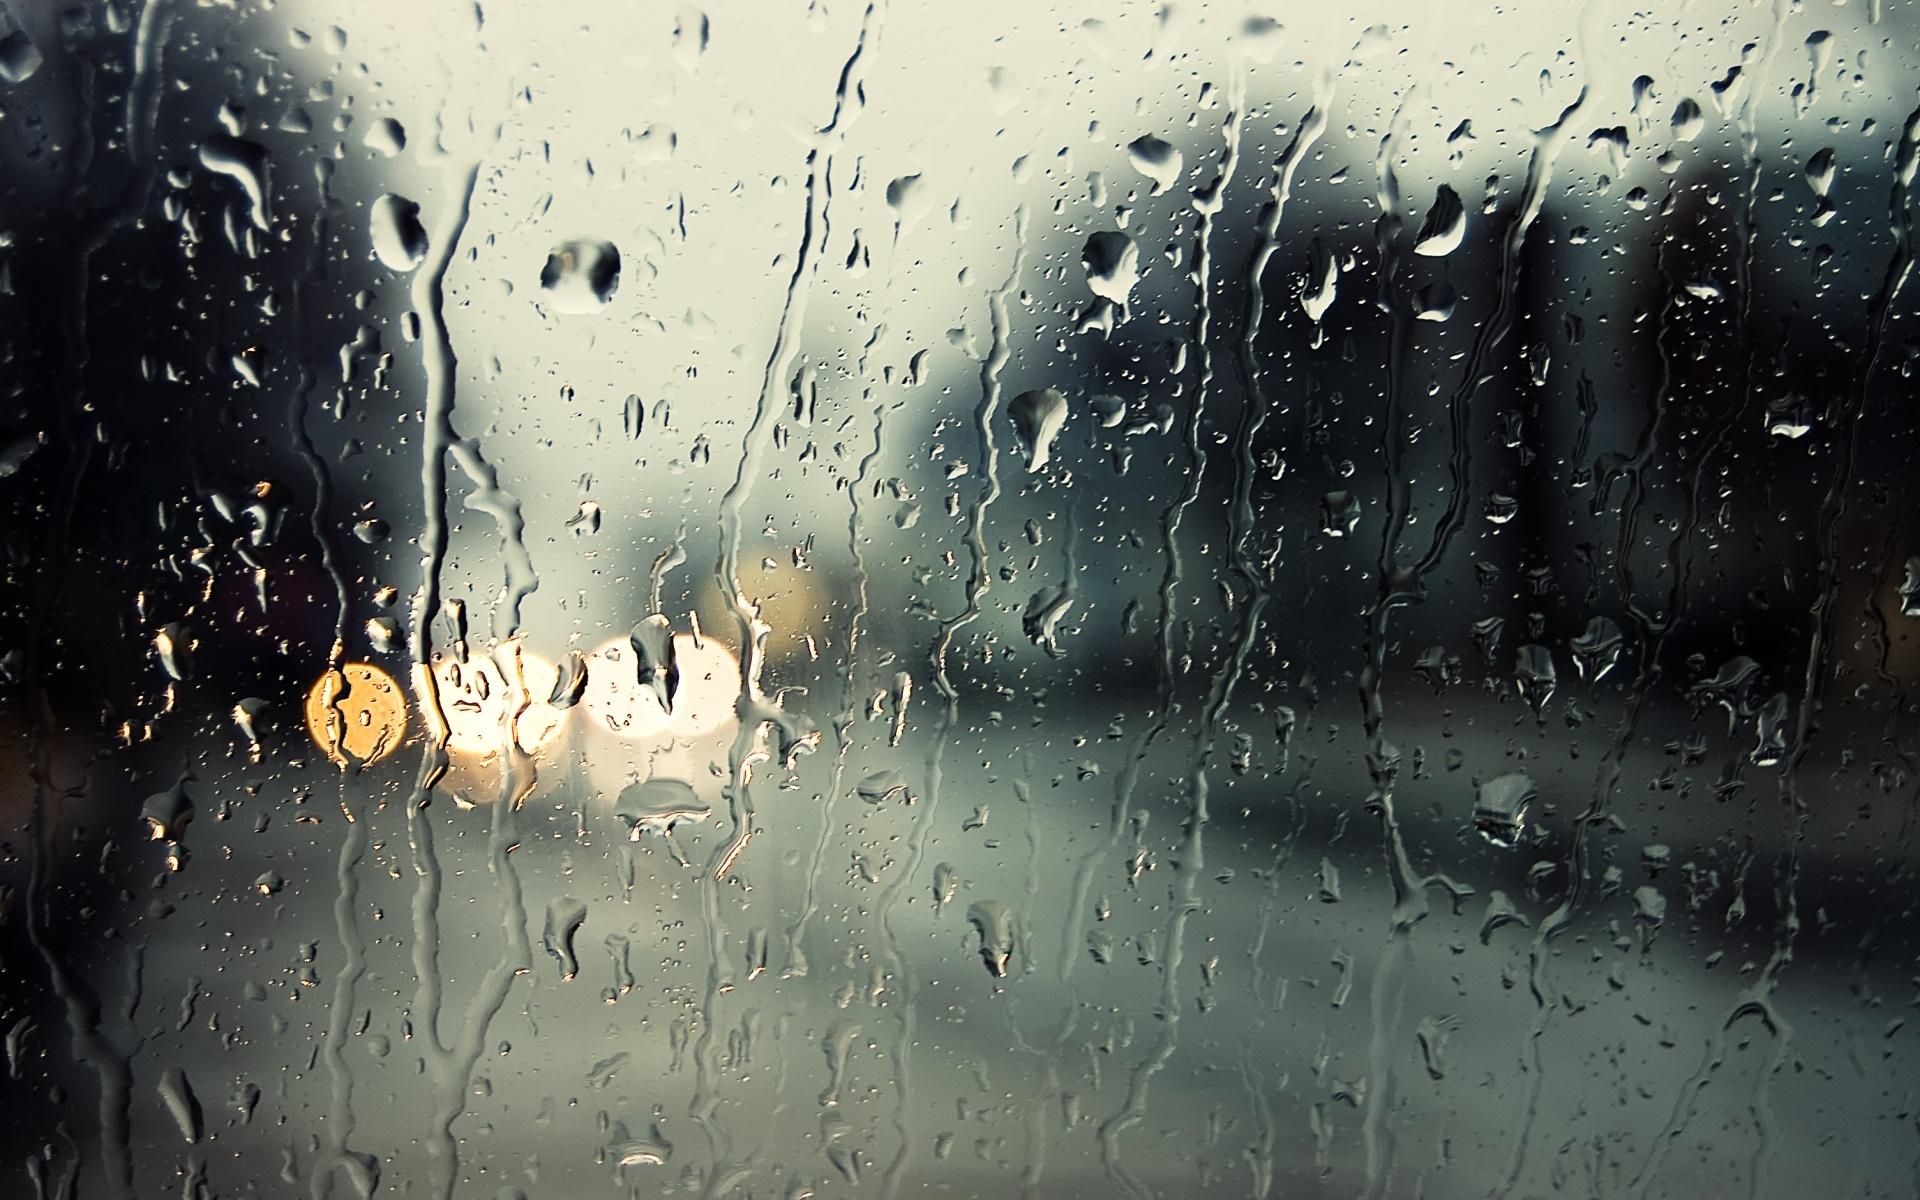 Crveni meteoalarm: U Hercegovini se očekuje do 100 litara kiše po metru četvornom!